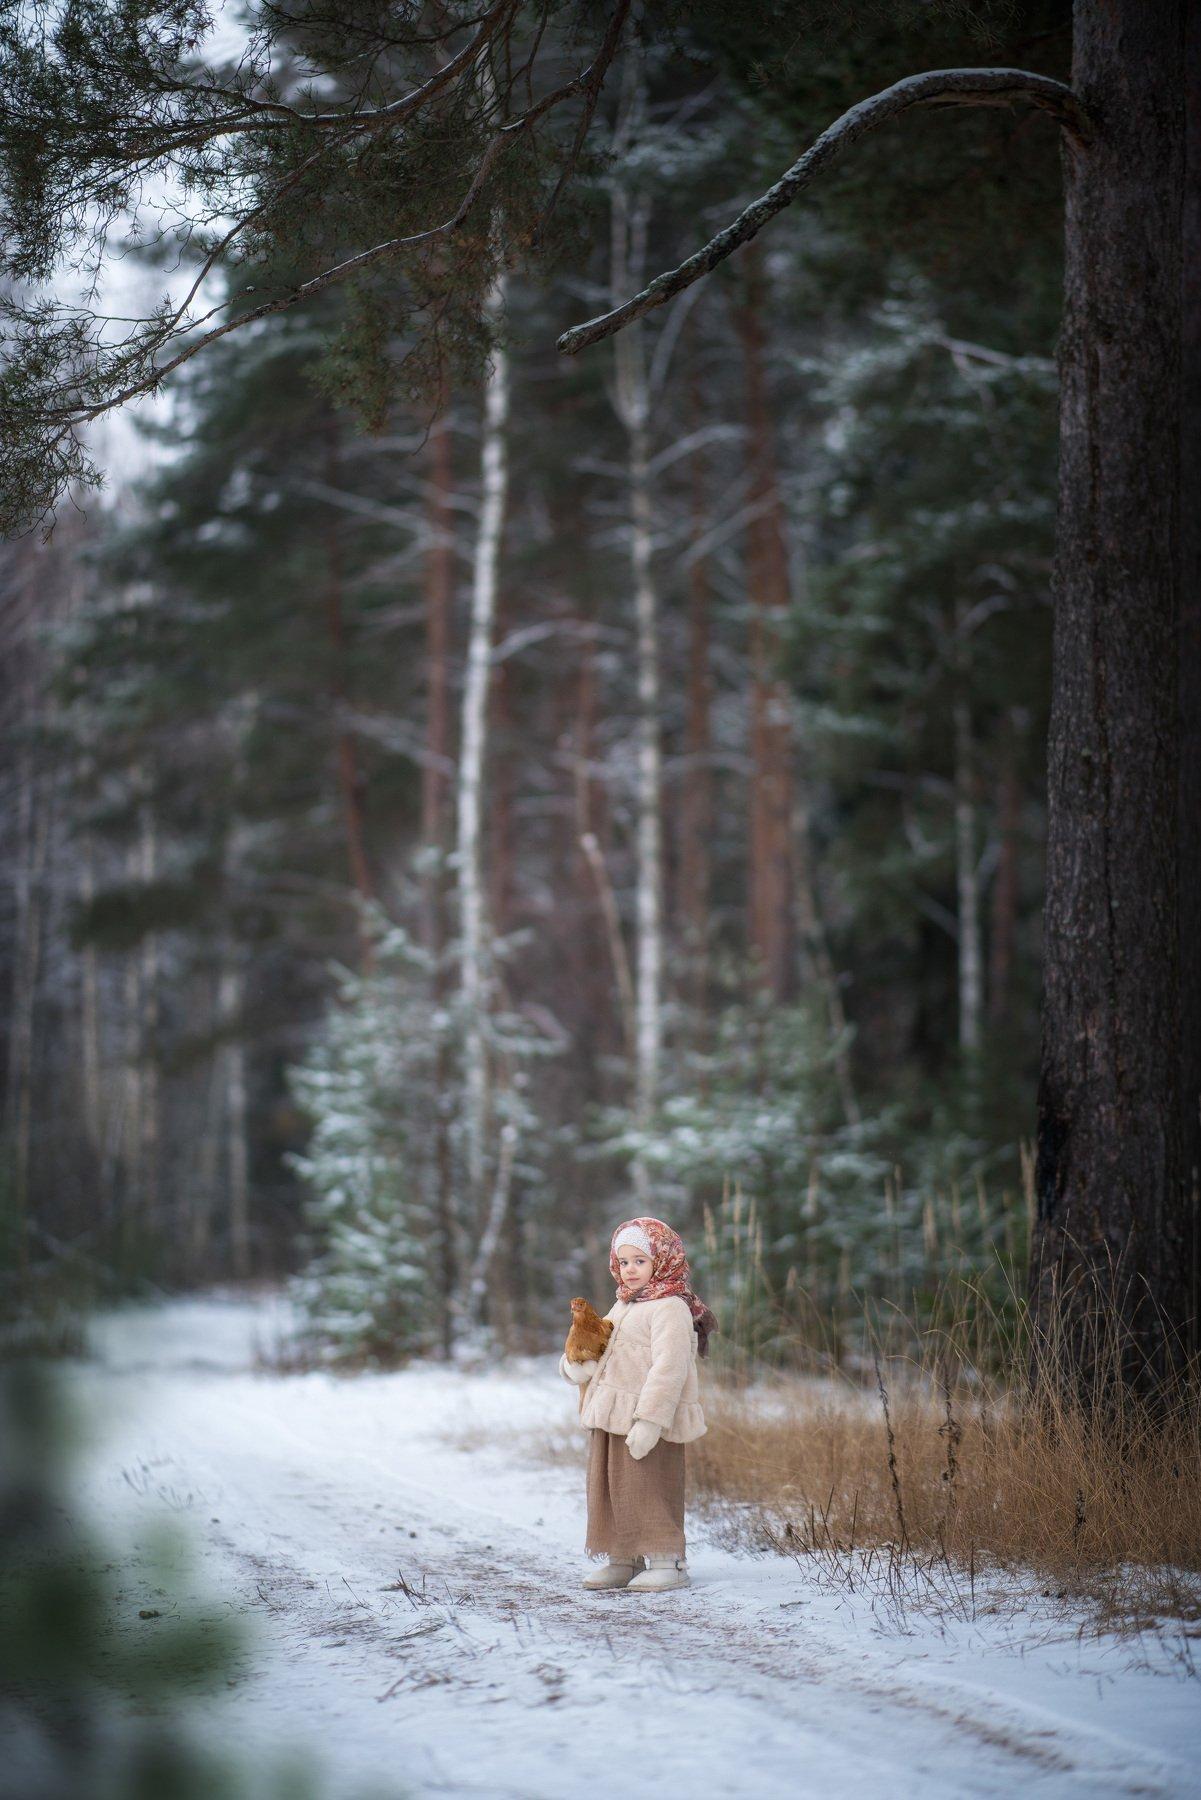 детское фото девочка лес природа ретро курочка животные русский стиль зима снег, Елена Успенская